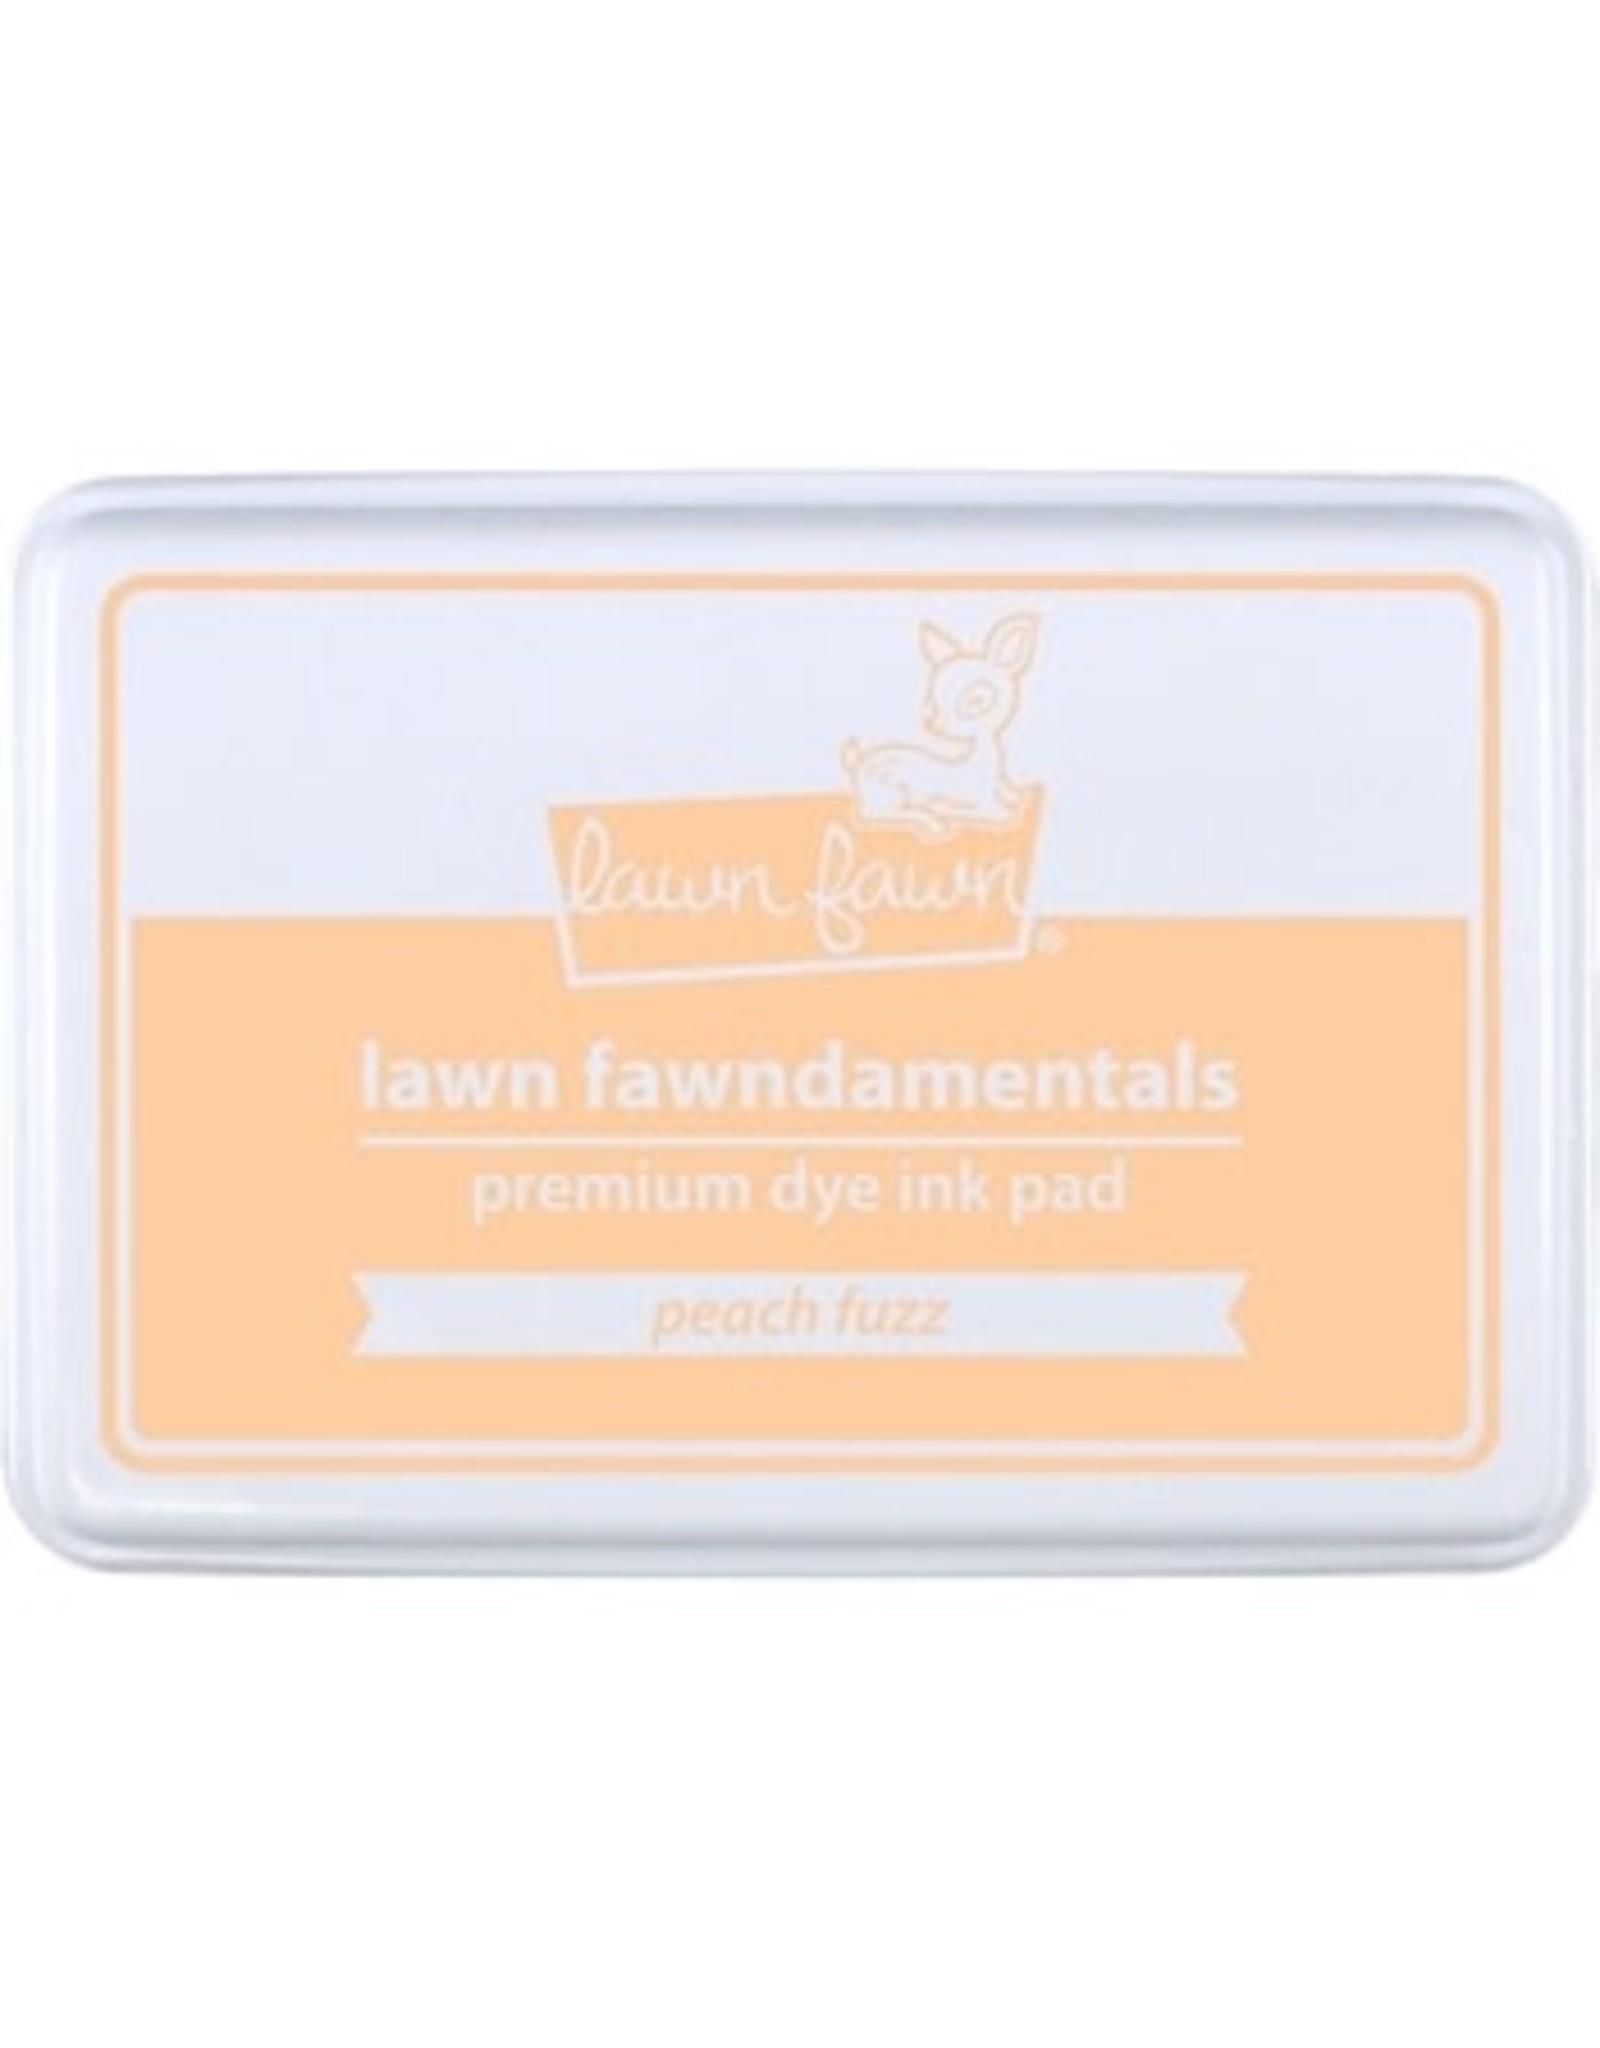 Lawn Fawn Lawn Fawndamentals Dye Ink Pad - Peach Fuzz